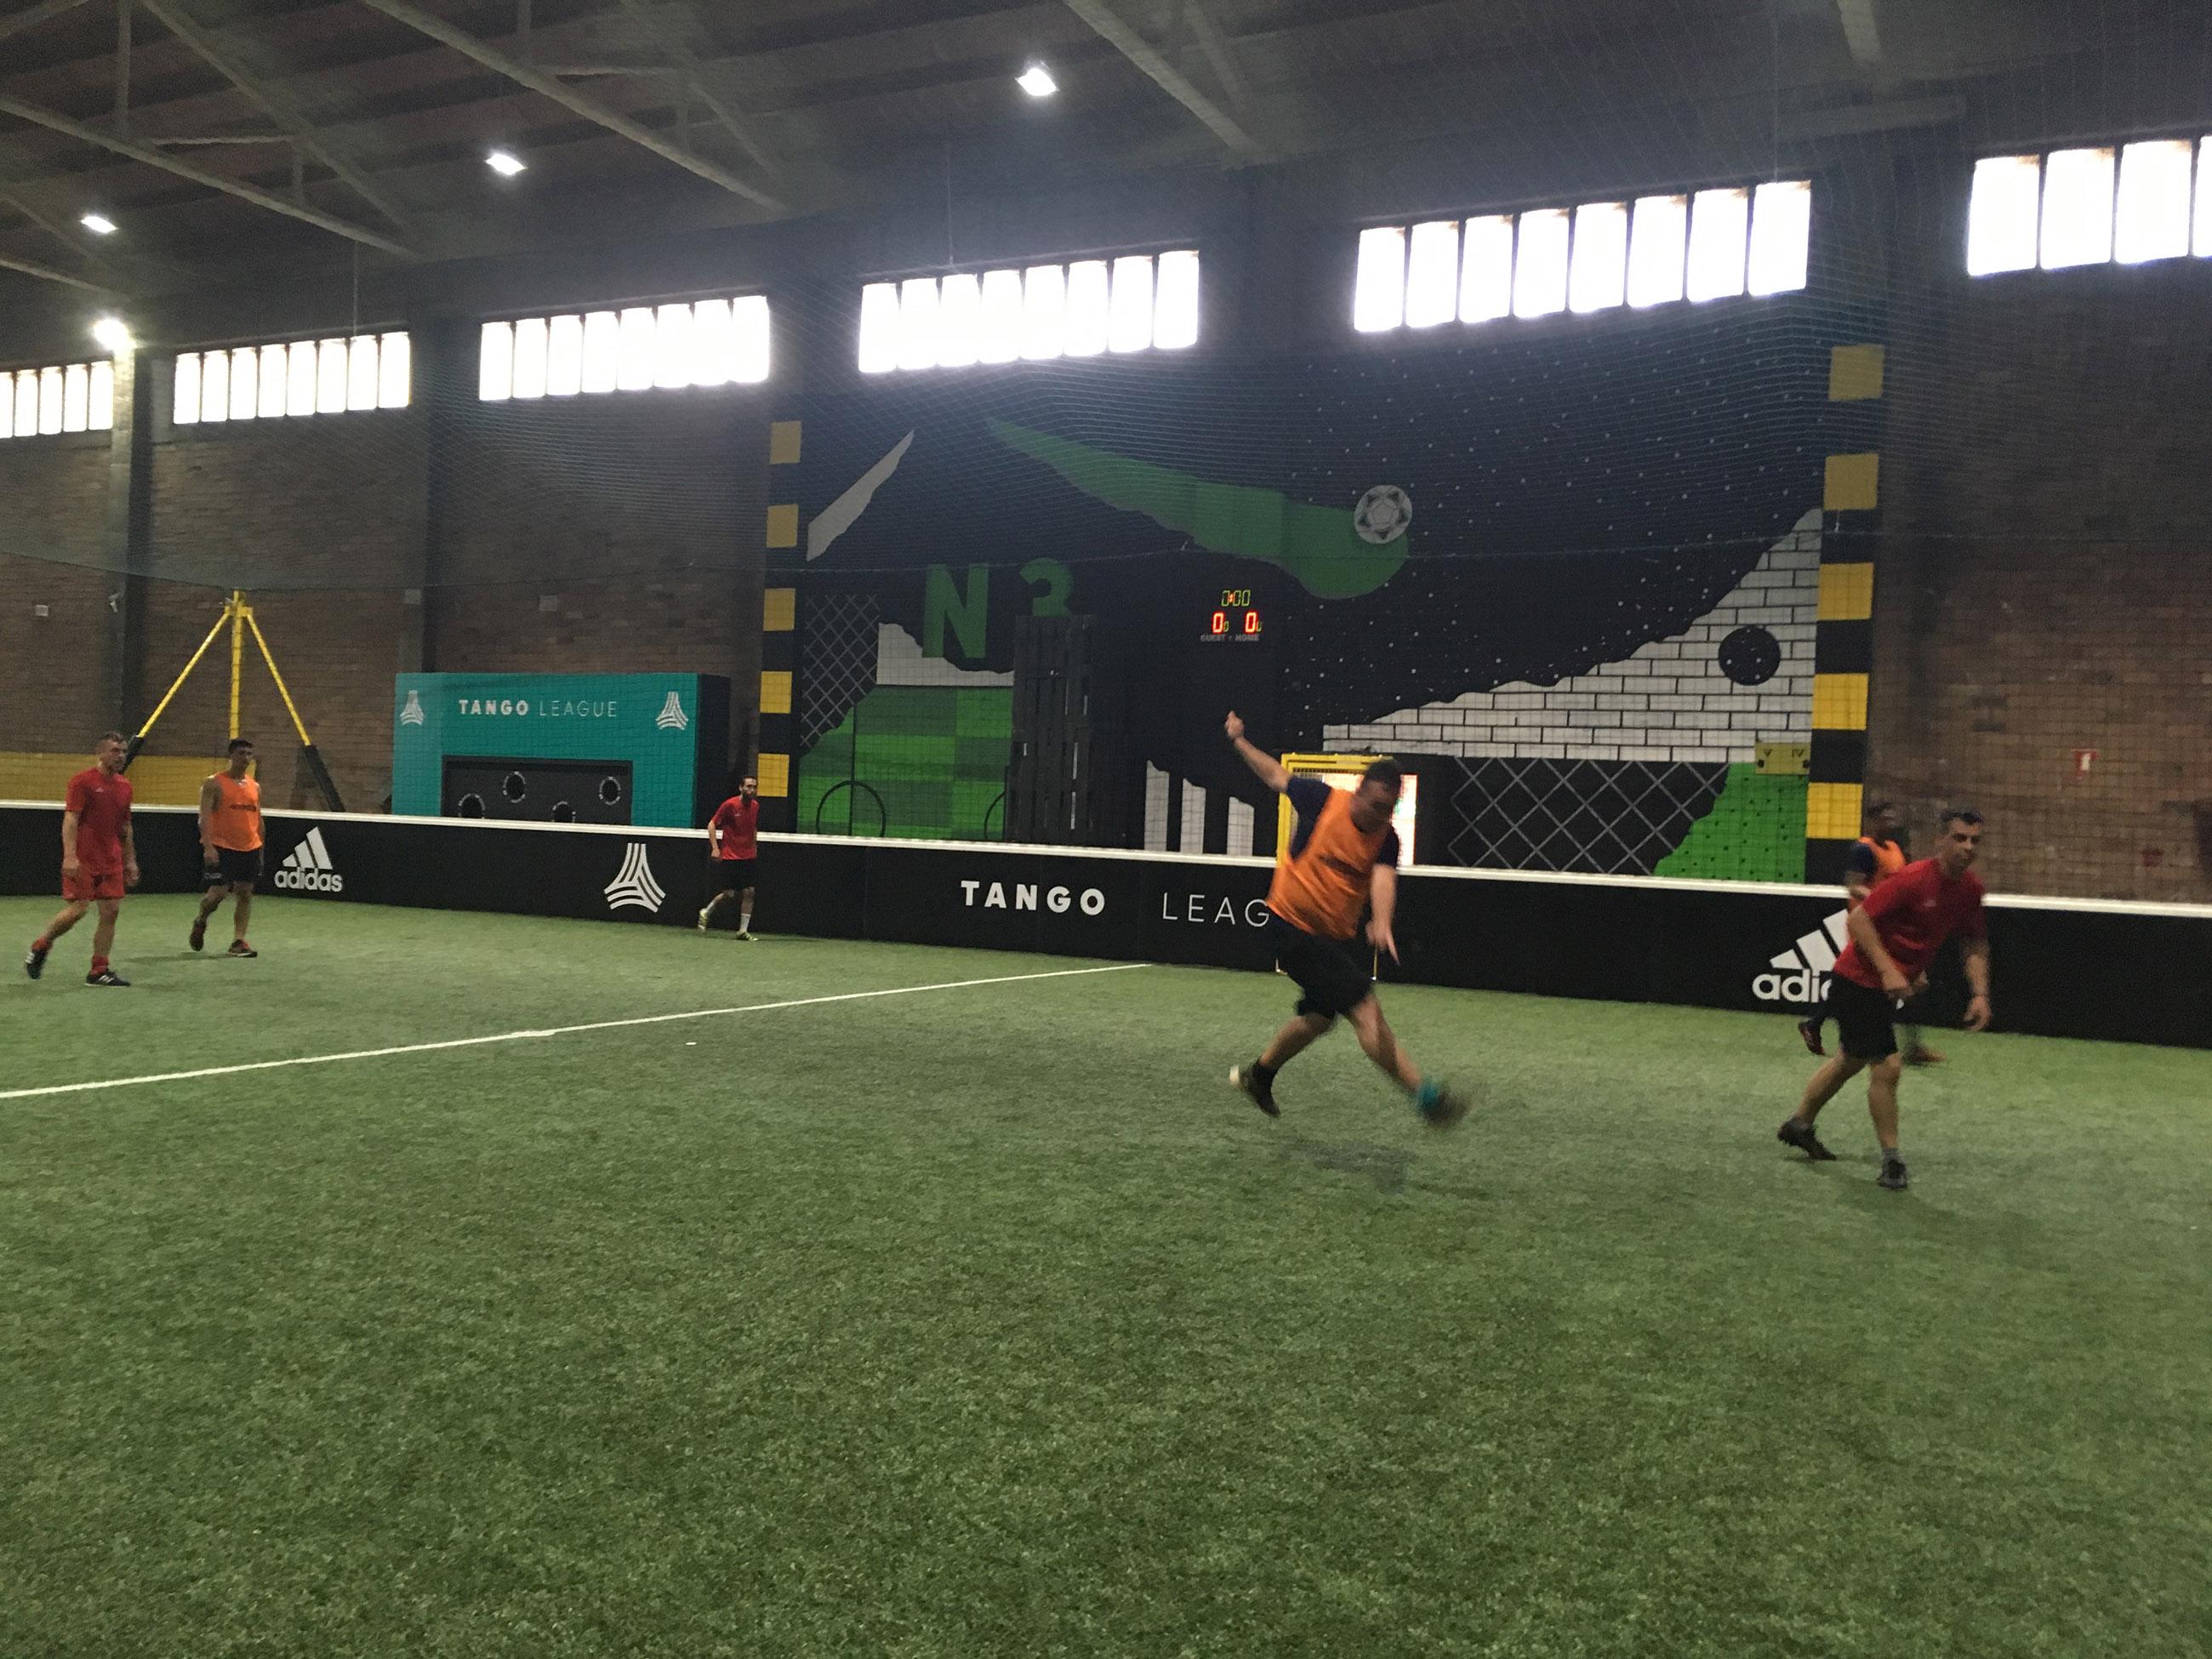 Een foto van een voetbalwedstrijd van de Mary Jane Football League. De wedstrijd wordt op een overdekt veld gespeeld. Er staan in totaal vijf spelers op het veld.